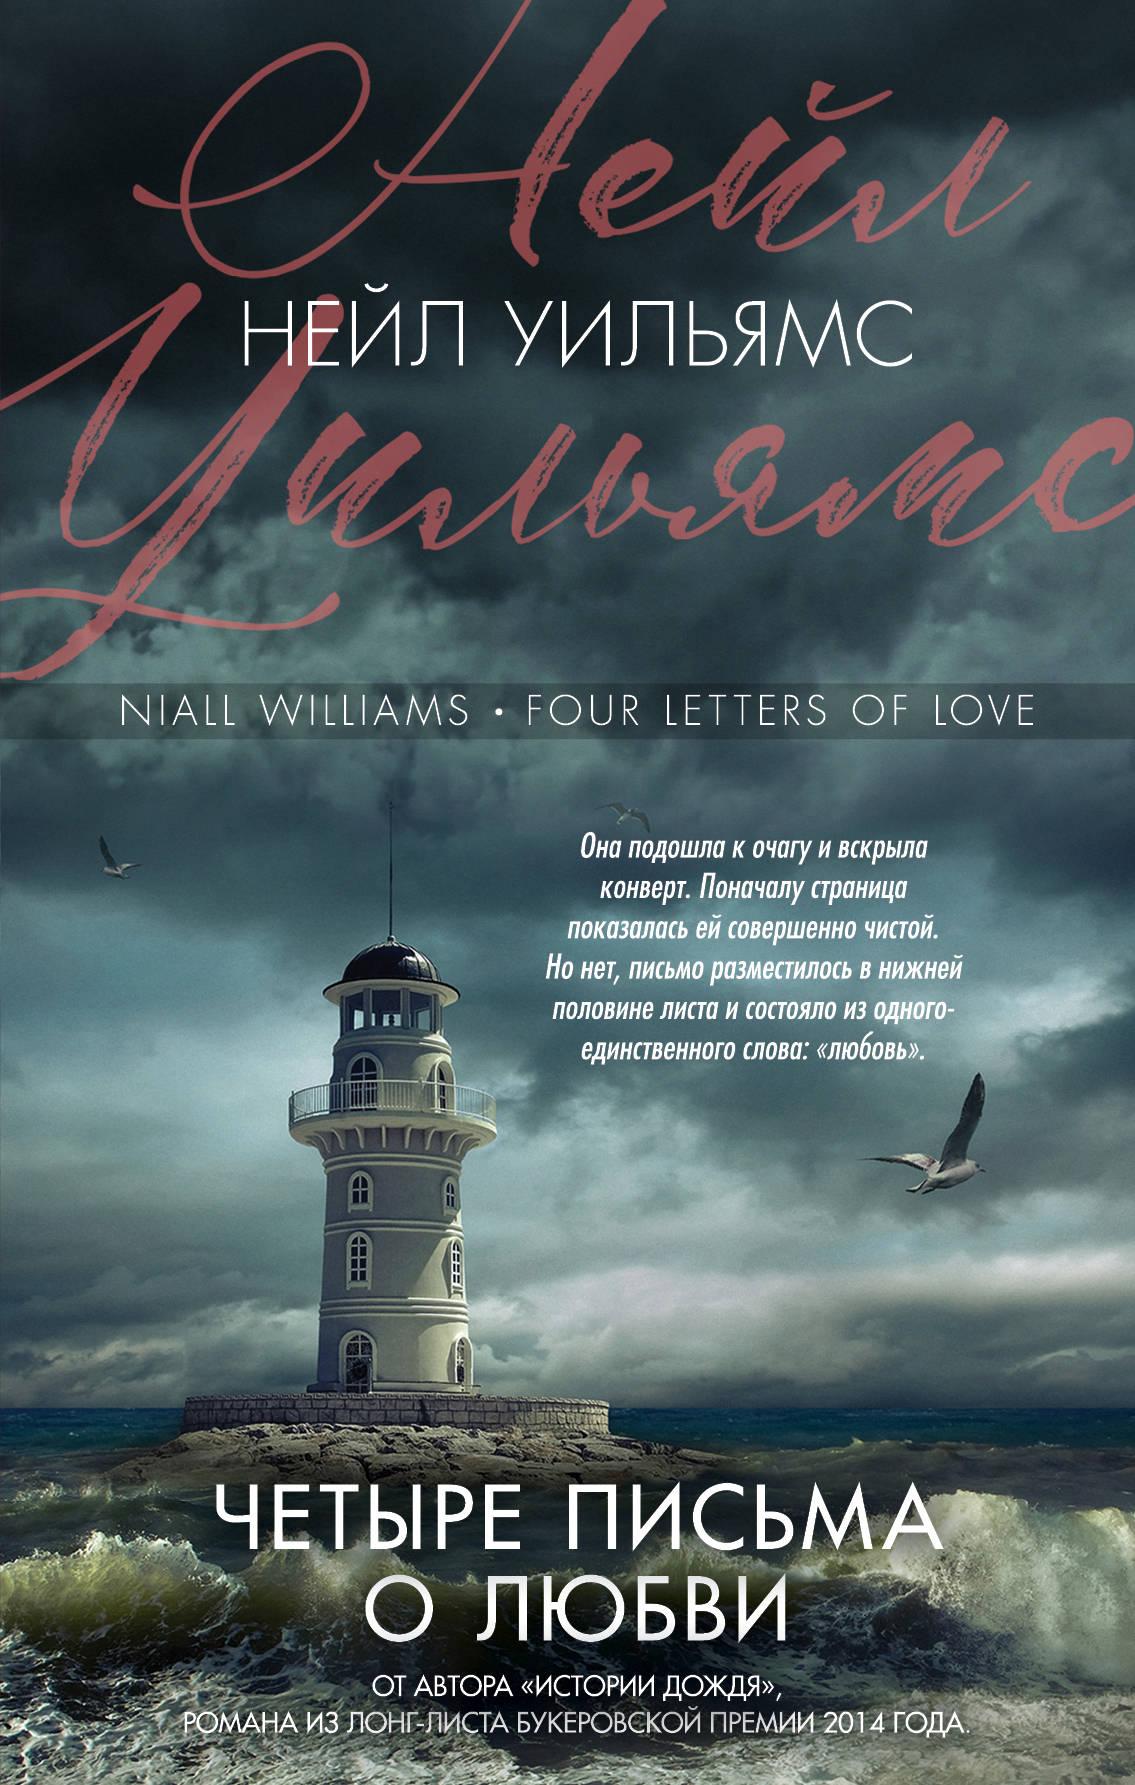 Уильямс Нейл Четыре письма о любви